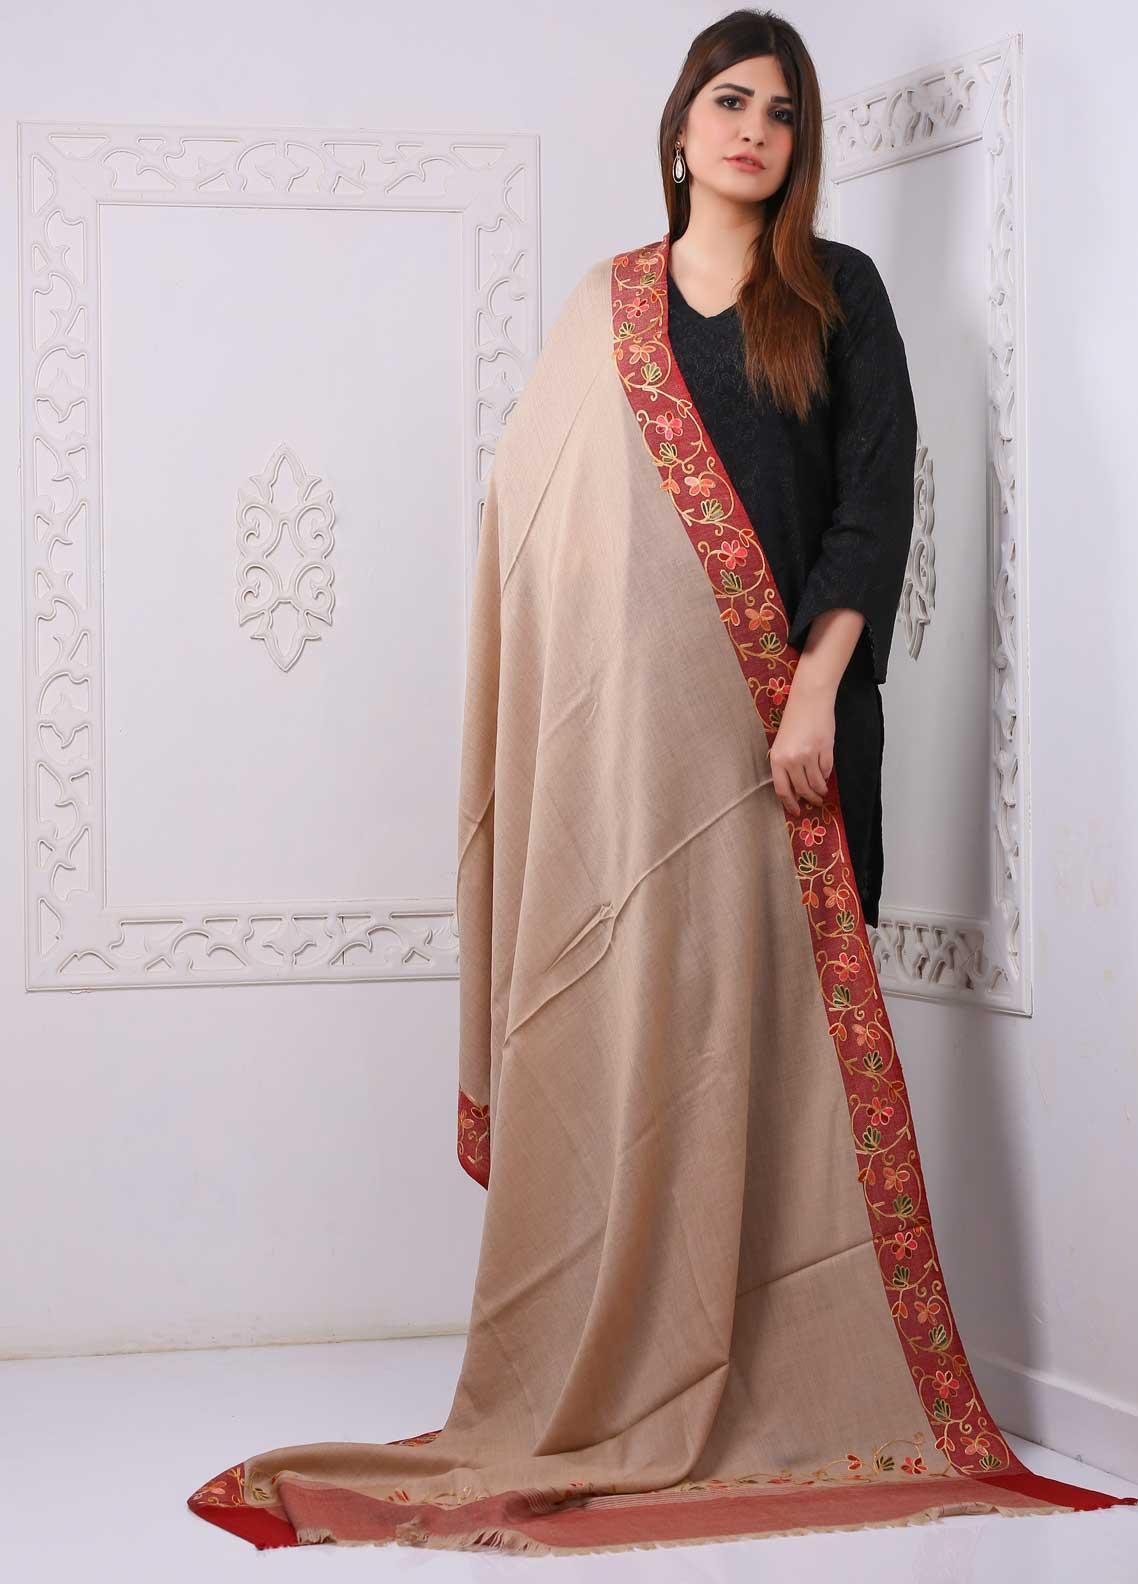 Sanaulla Exclusive Range Embroidered Premium Pashmina  Shawl PRMSH 323941 - Premium Pashmina Shawls